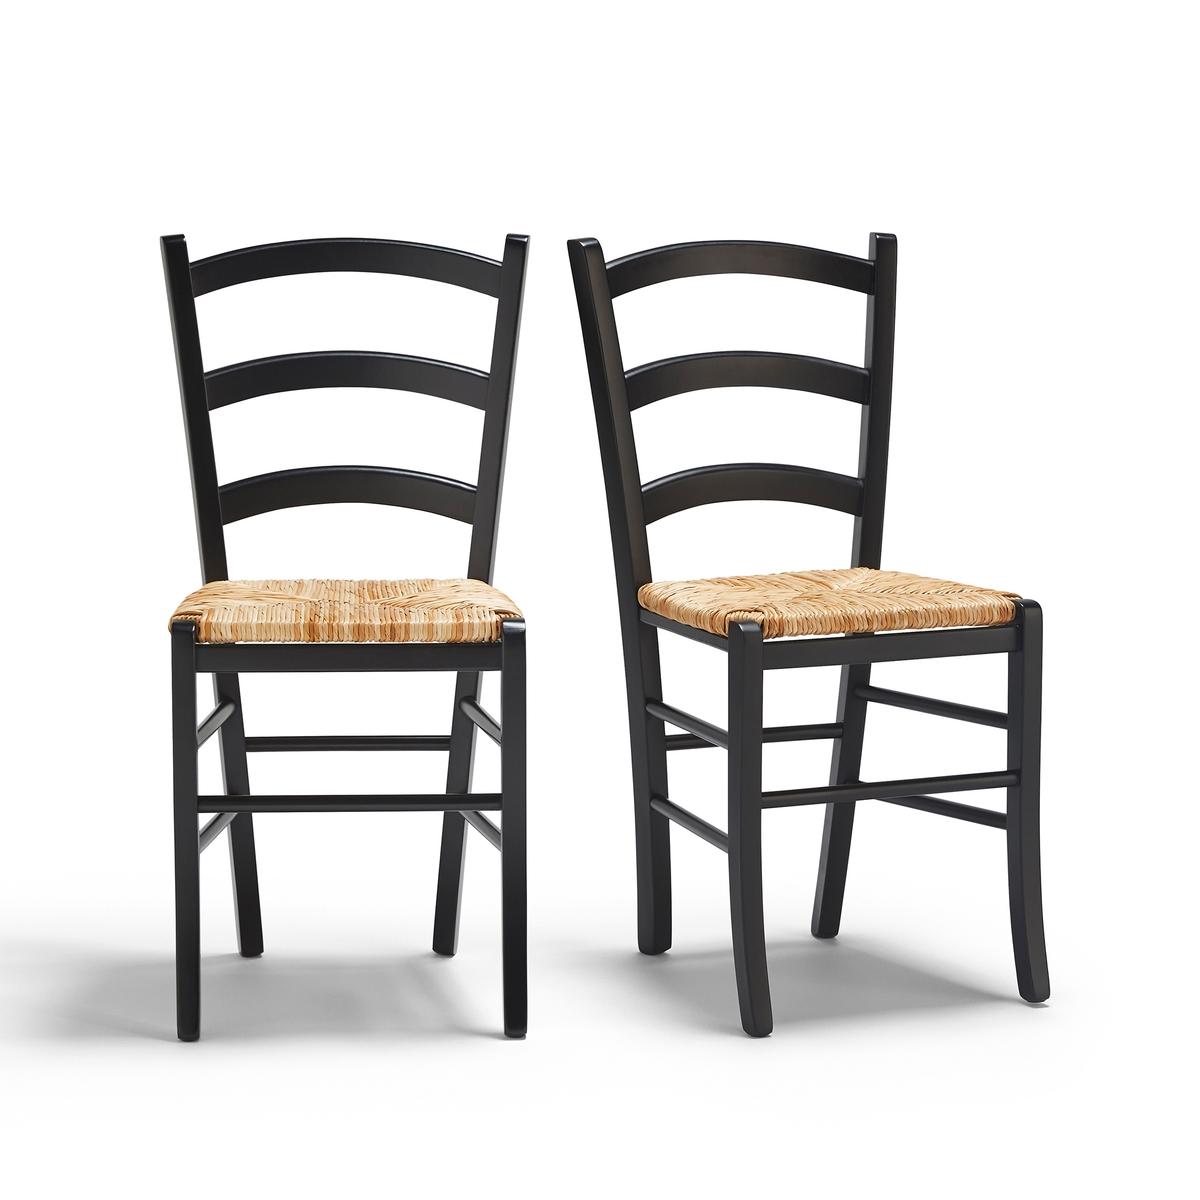 Confezione da 2 sedie contadina, Perrine